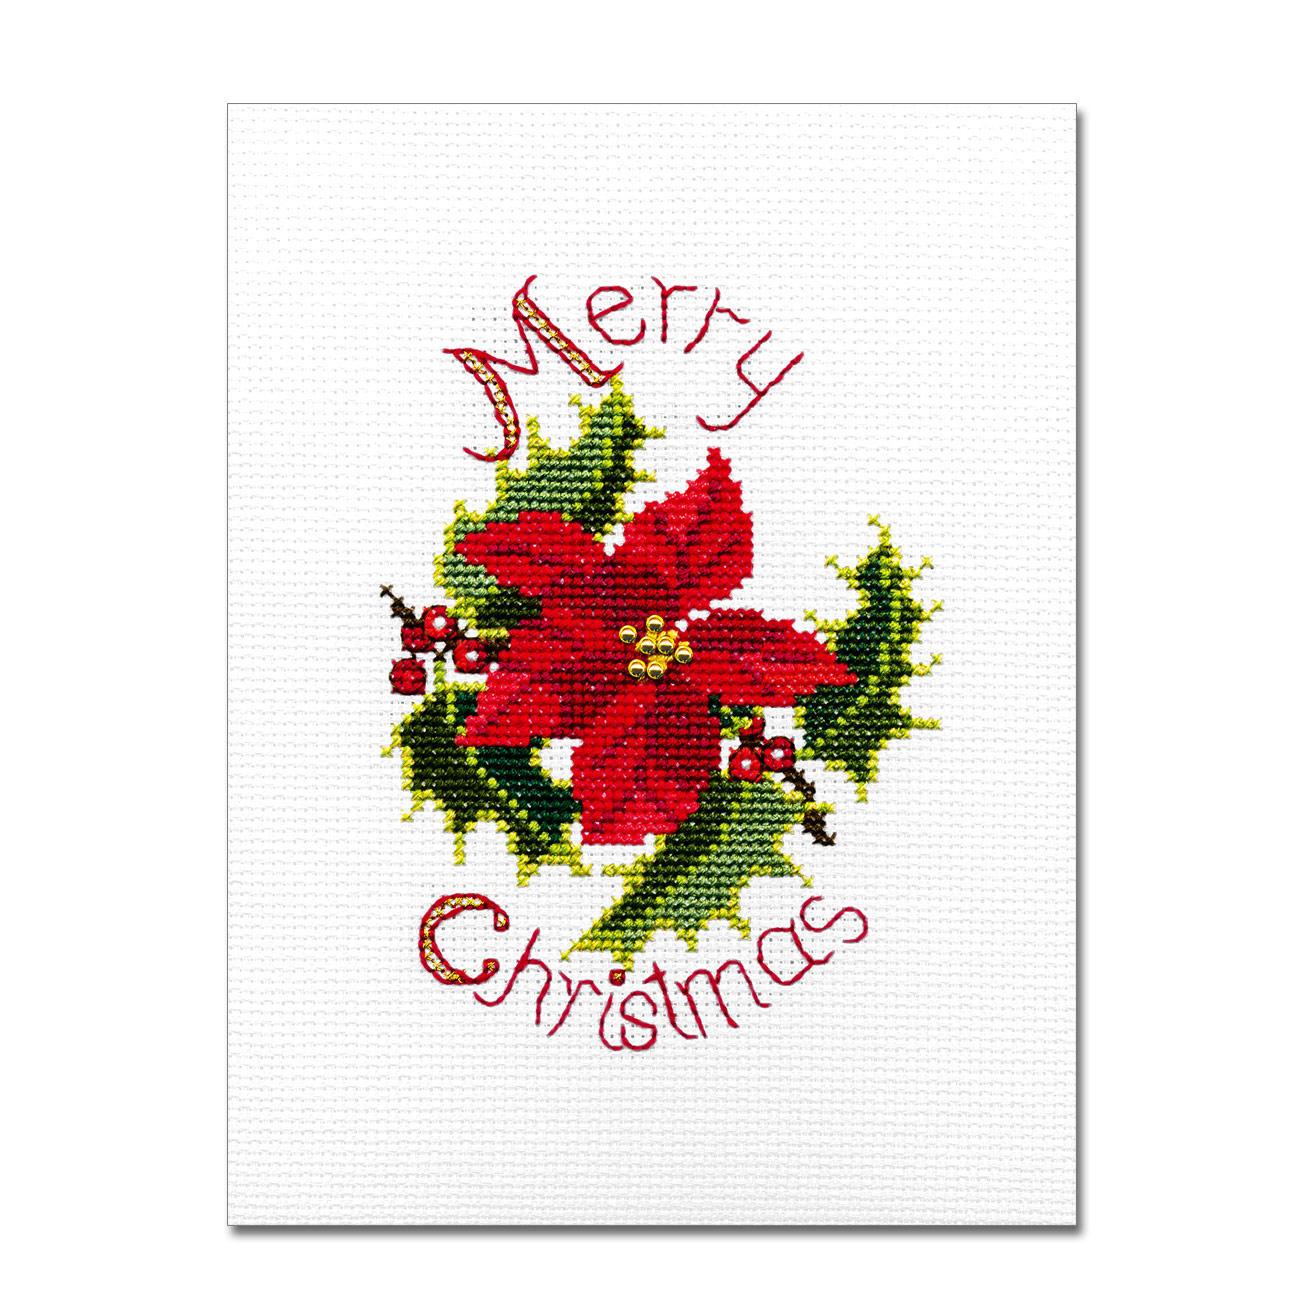 weihnachts gru karten geschenkideen weihnachtspost. Black Bedroom Furniture Sets. Home Design Ideas